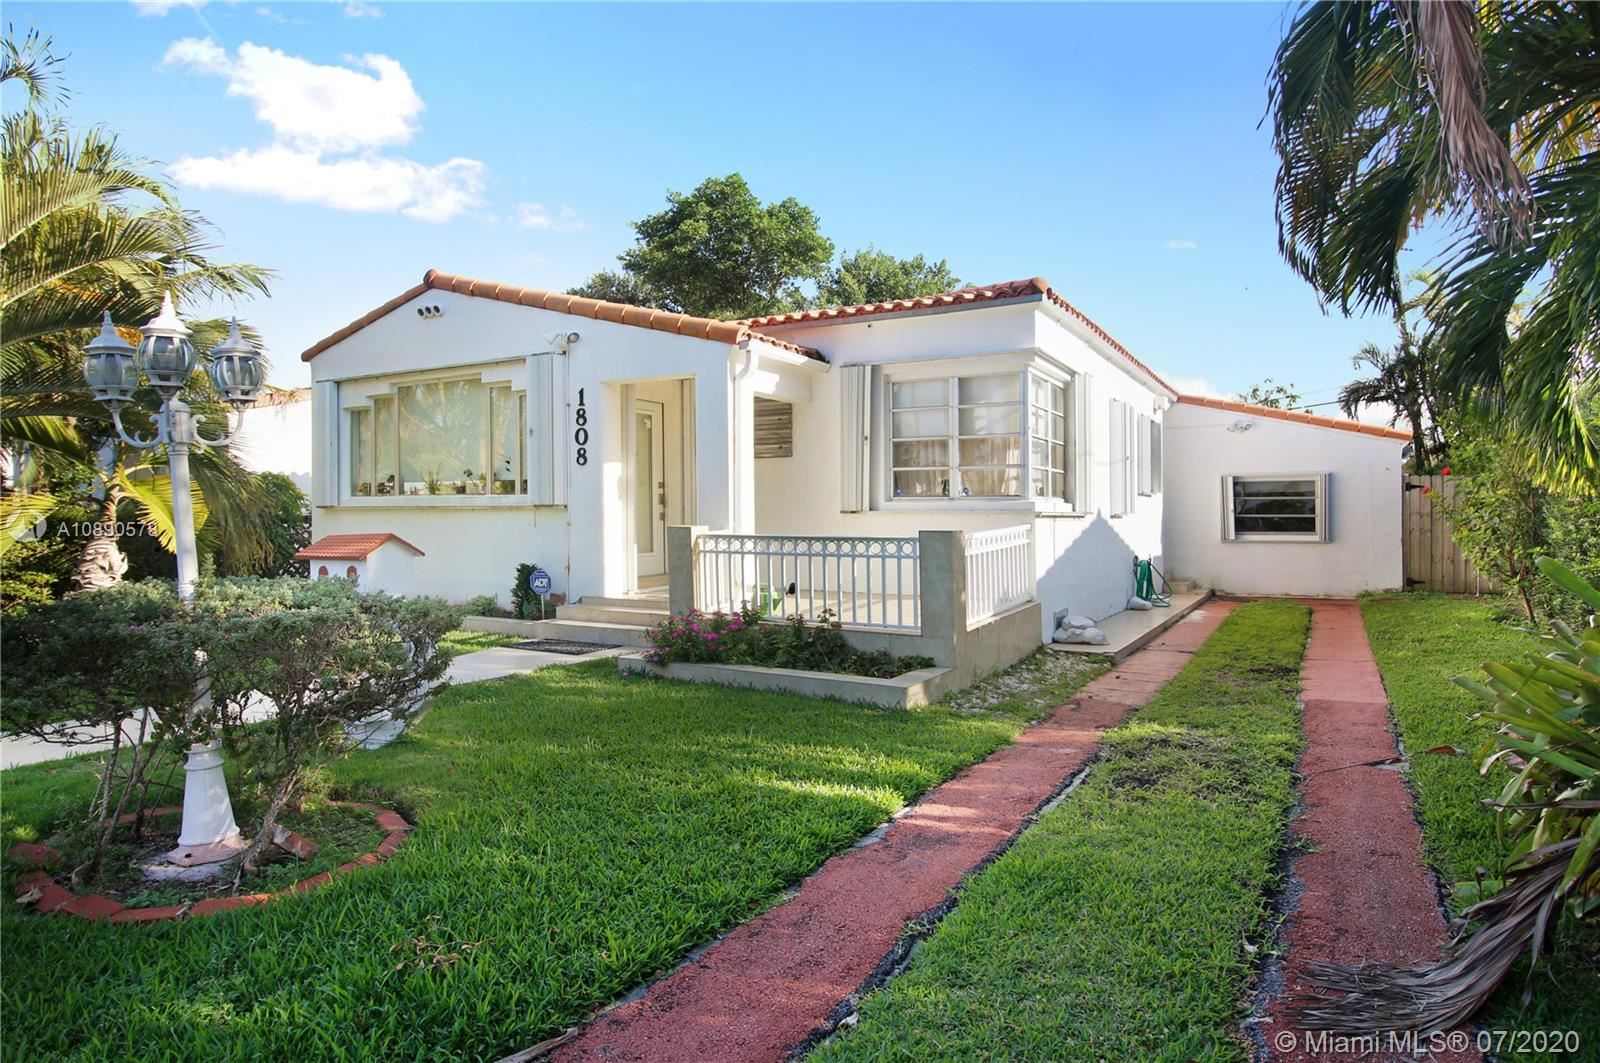 1808 71st St, Miami Beach, FL 33141 - #: A10890578